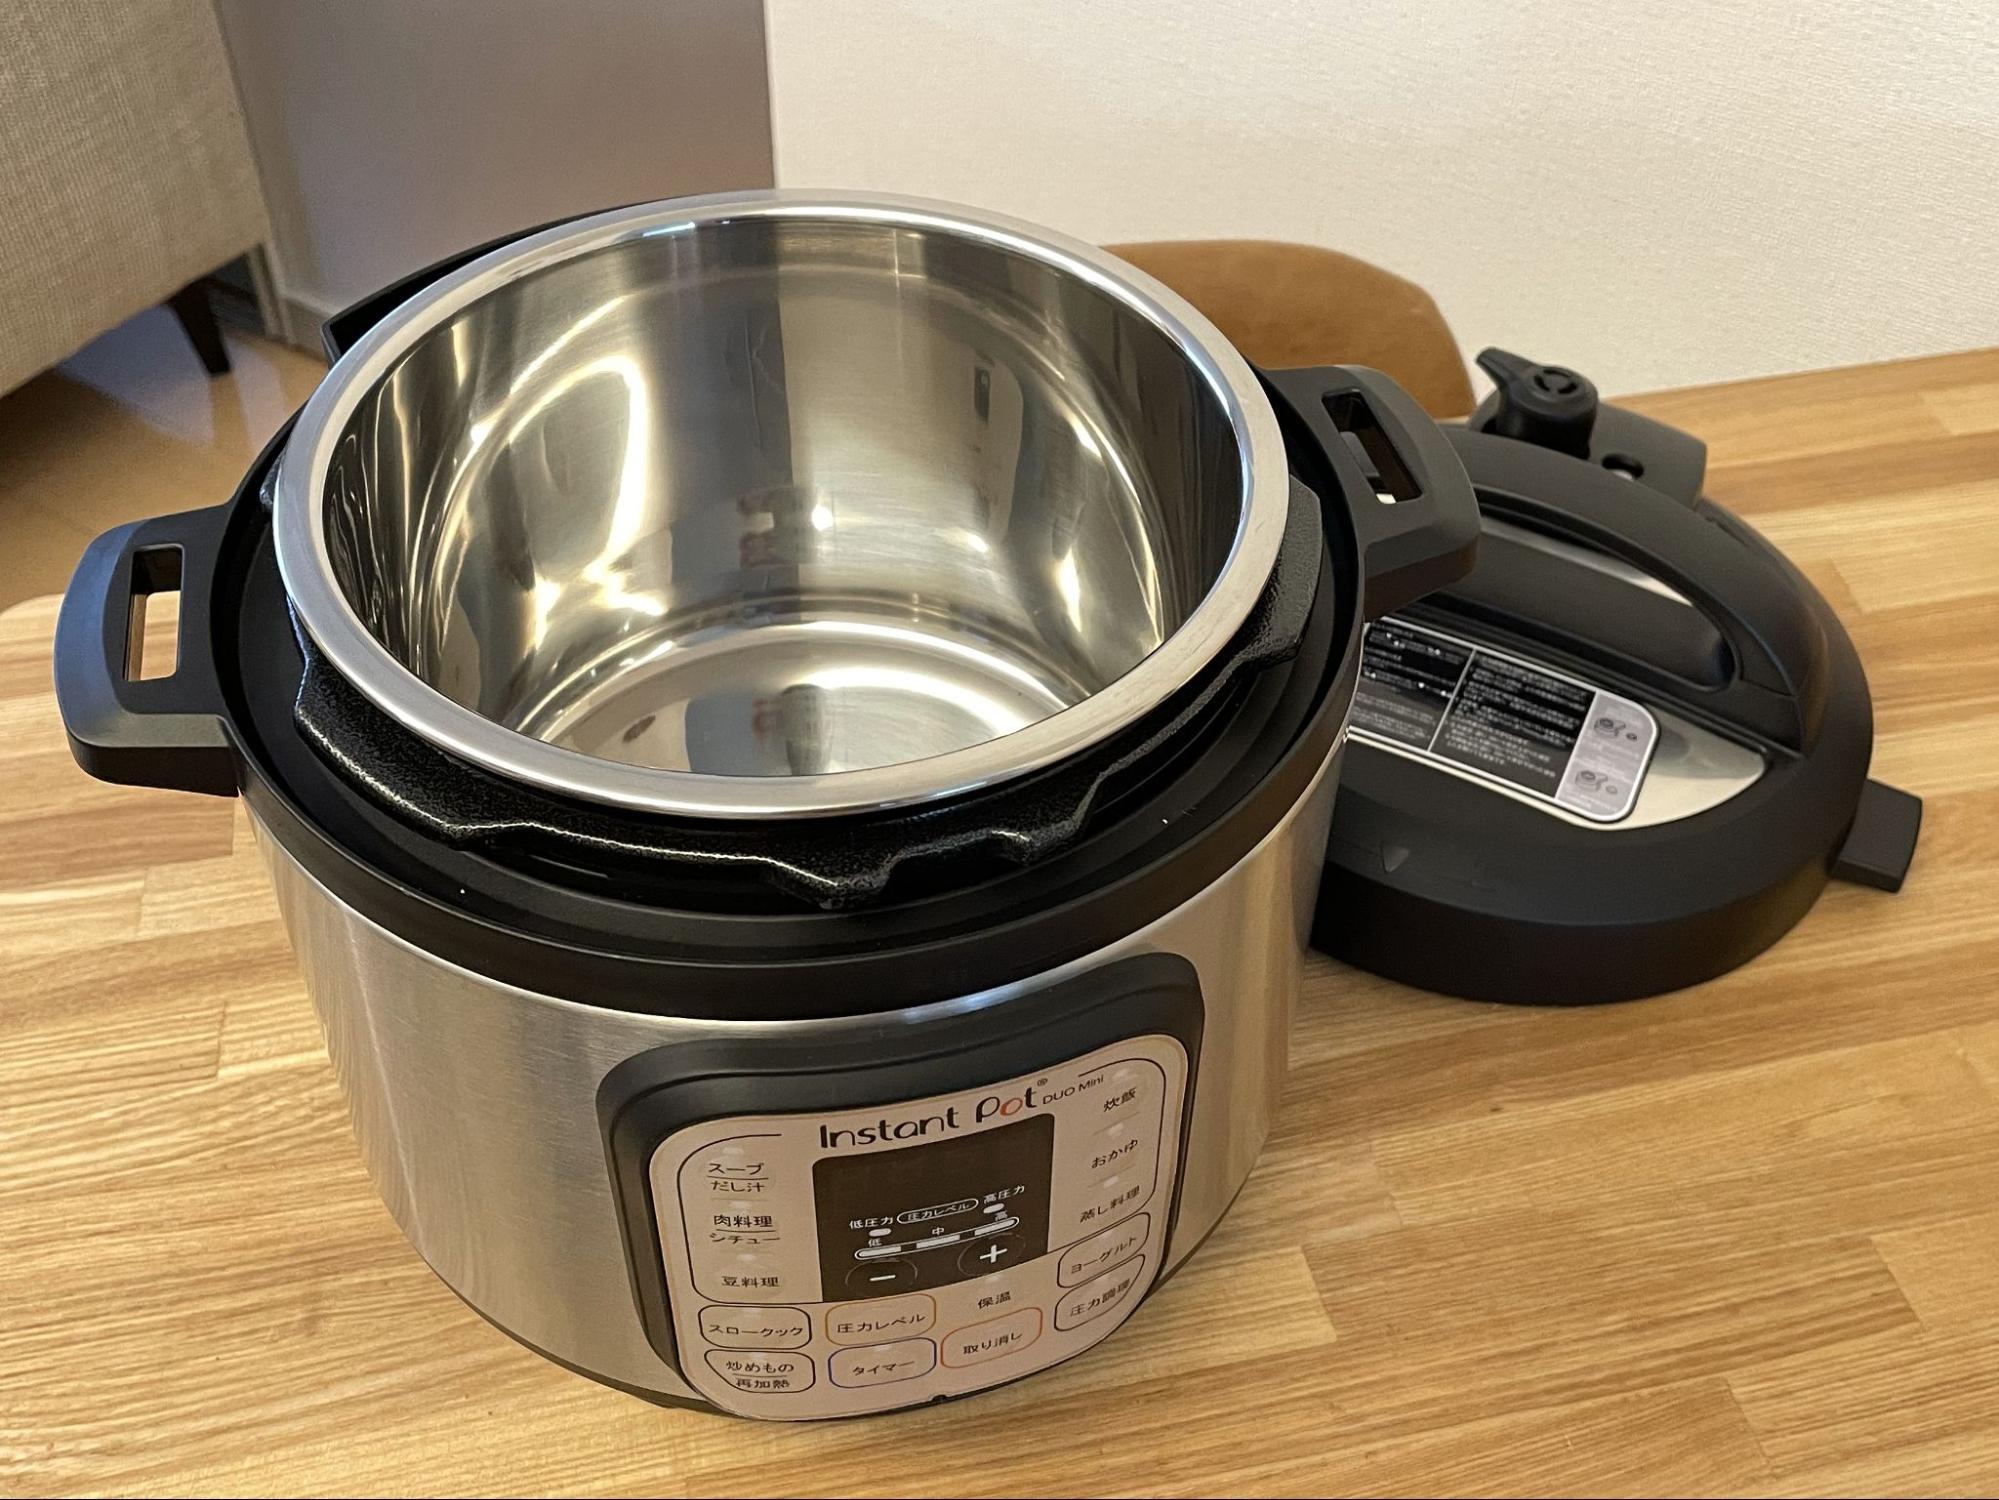 電気圧力鍋のパーツ